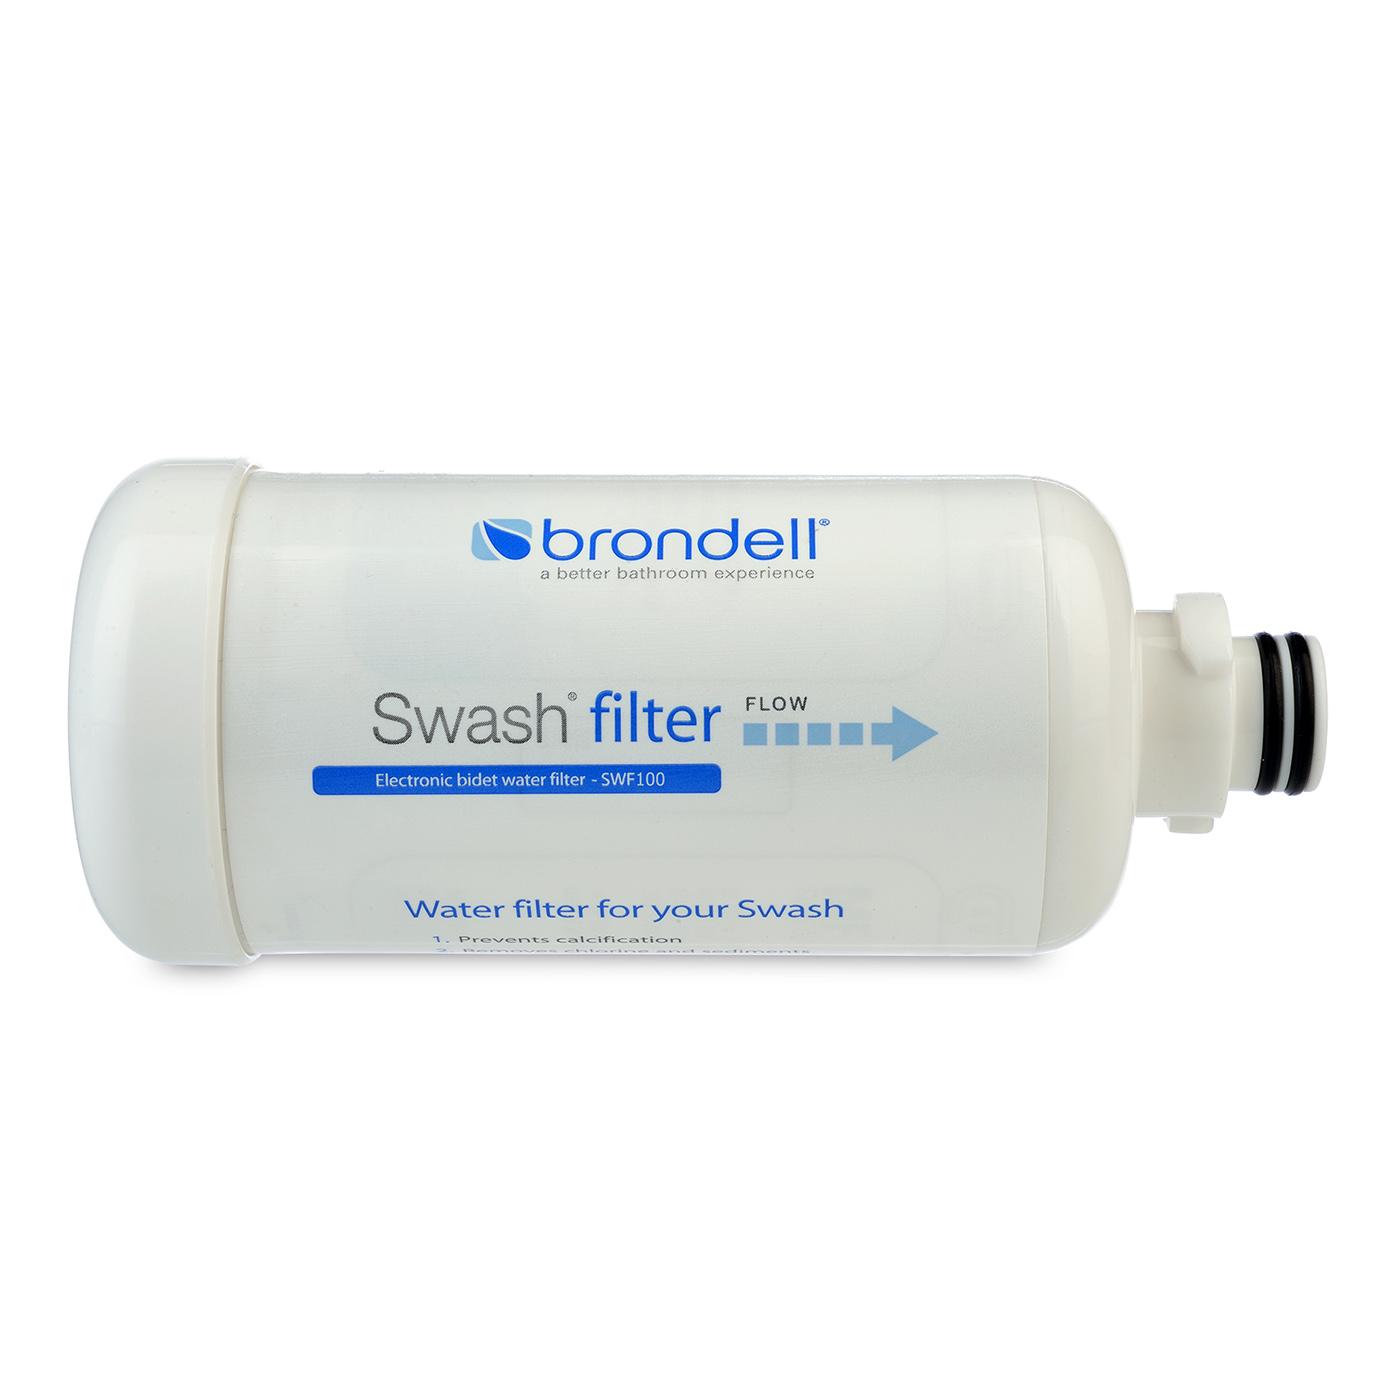 Brondell Swash Ecoseat 100 Bidet Filter - Image 1